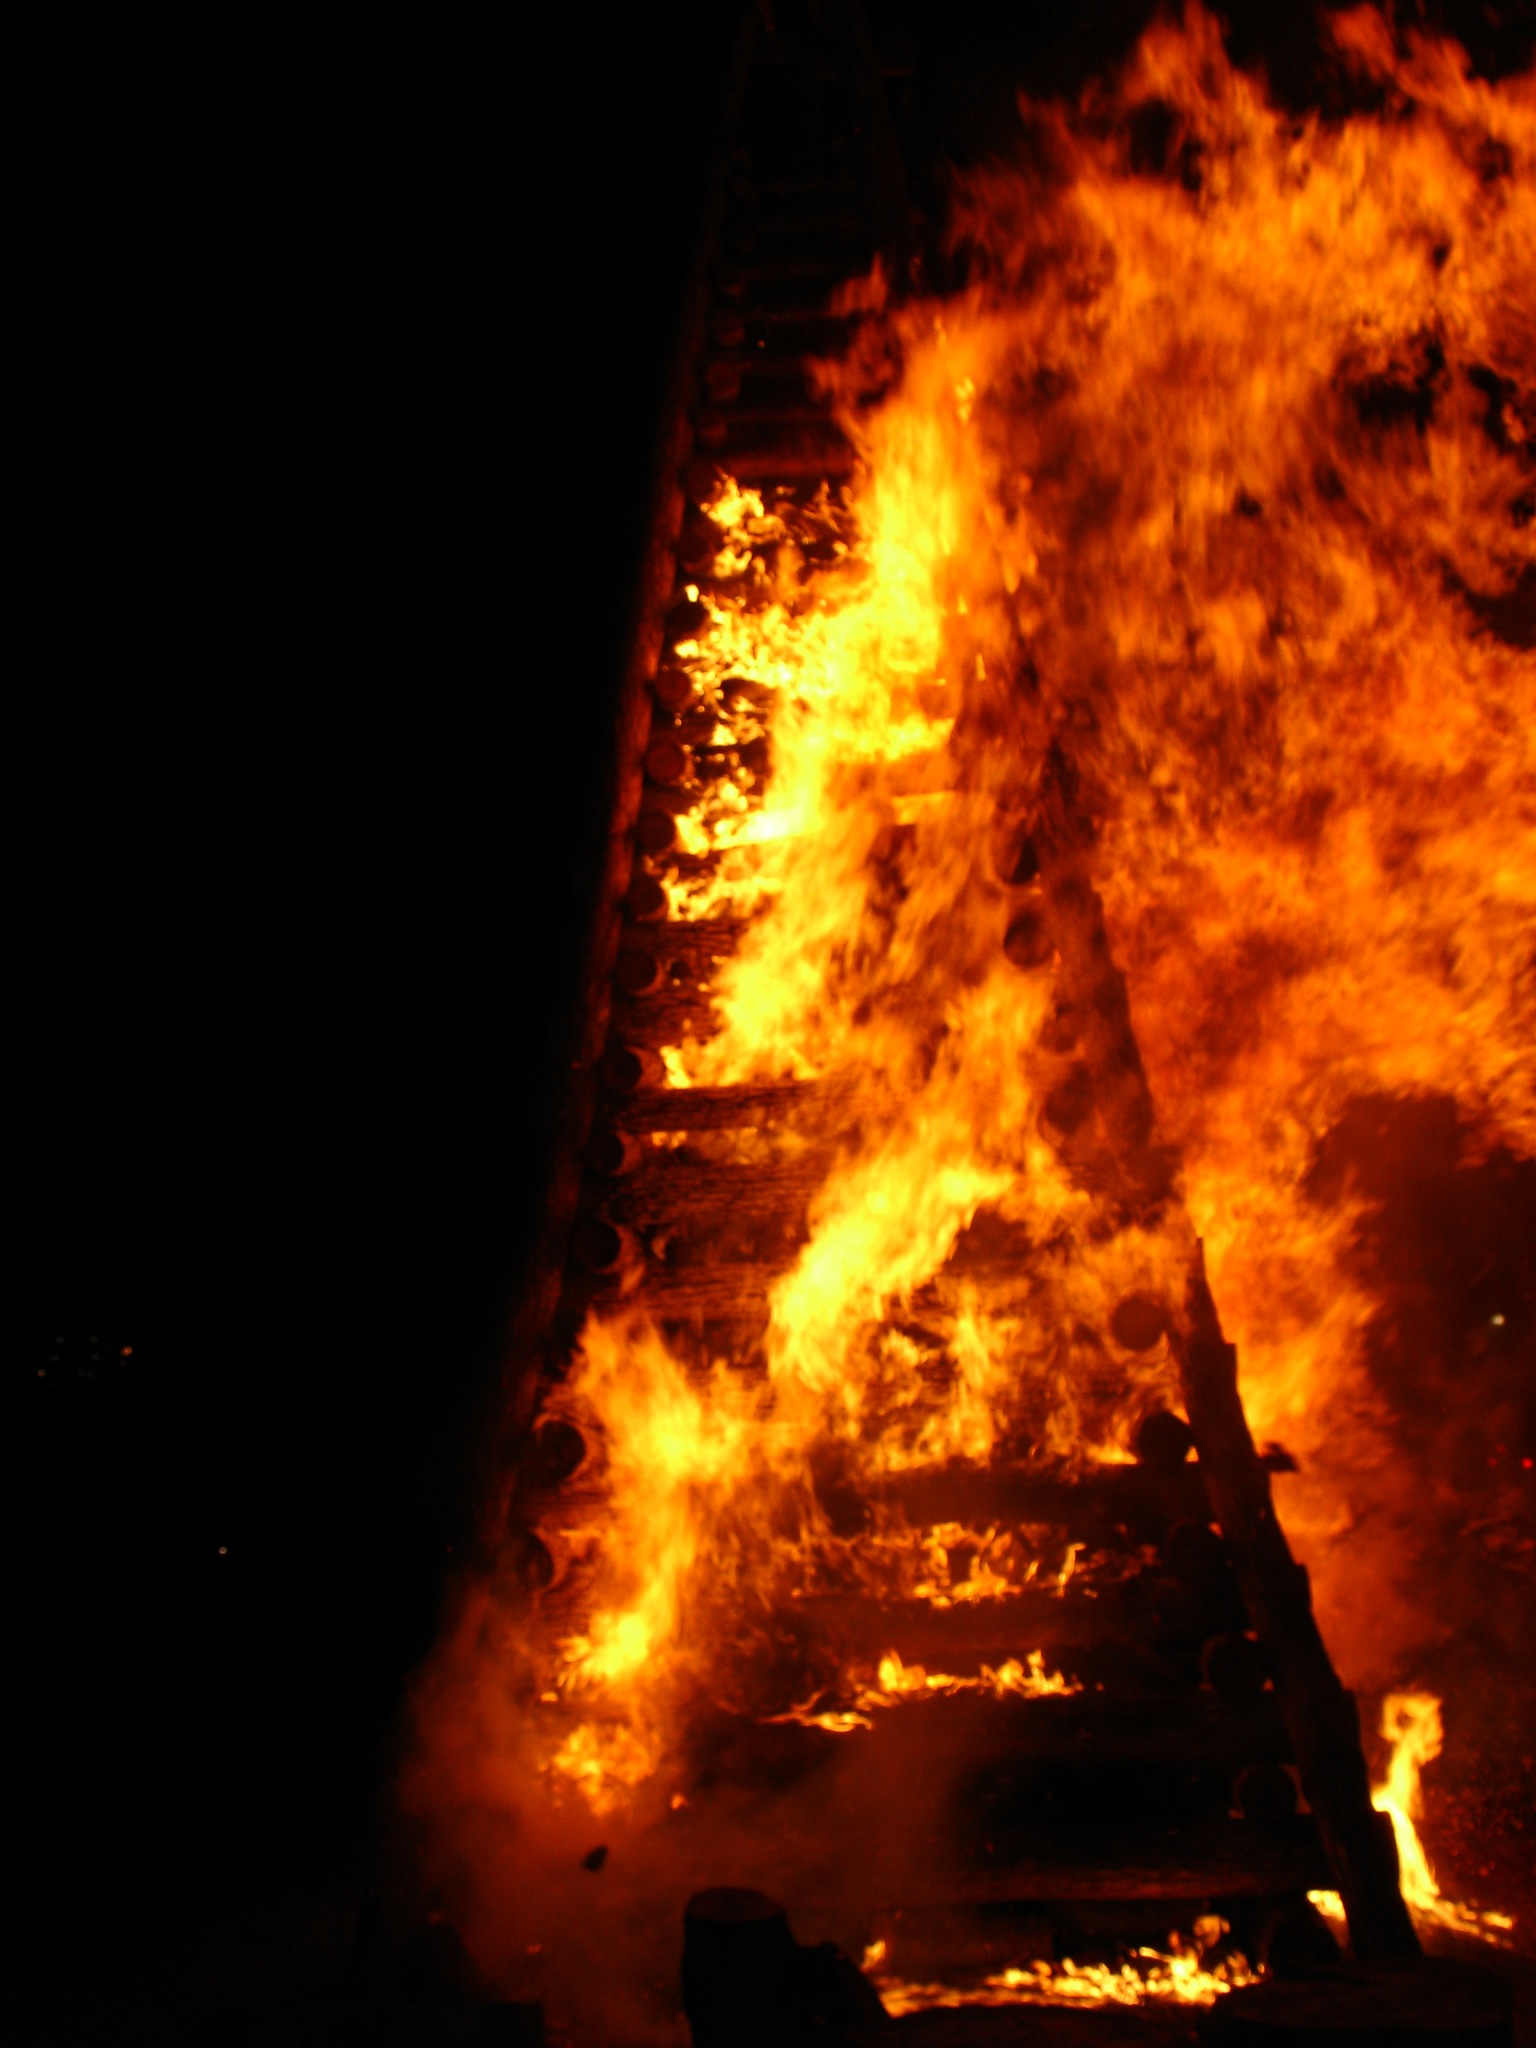 ©Ron Grenko on fire. burn